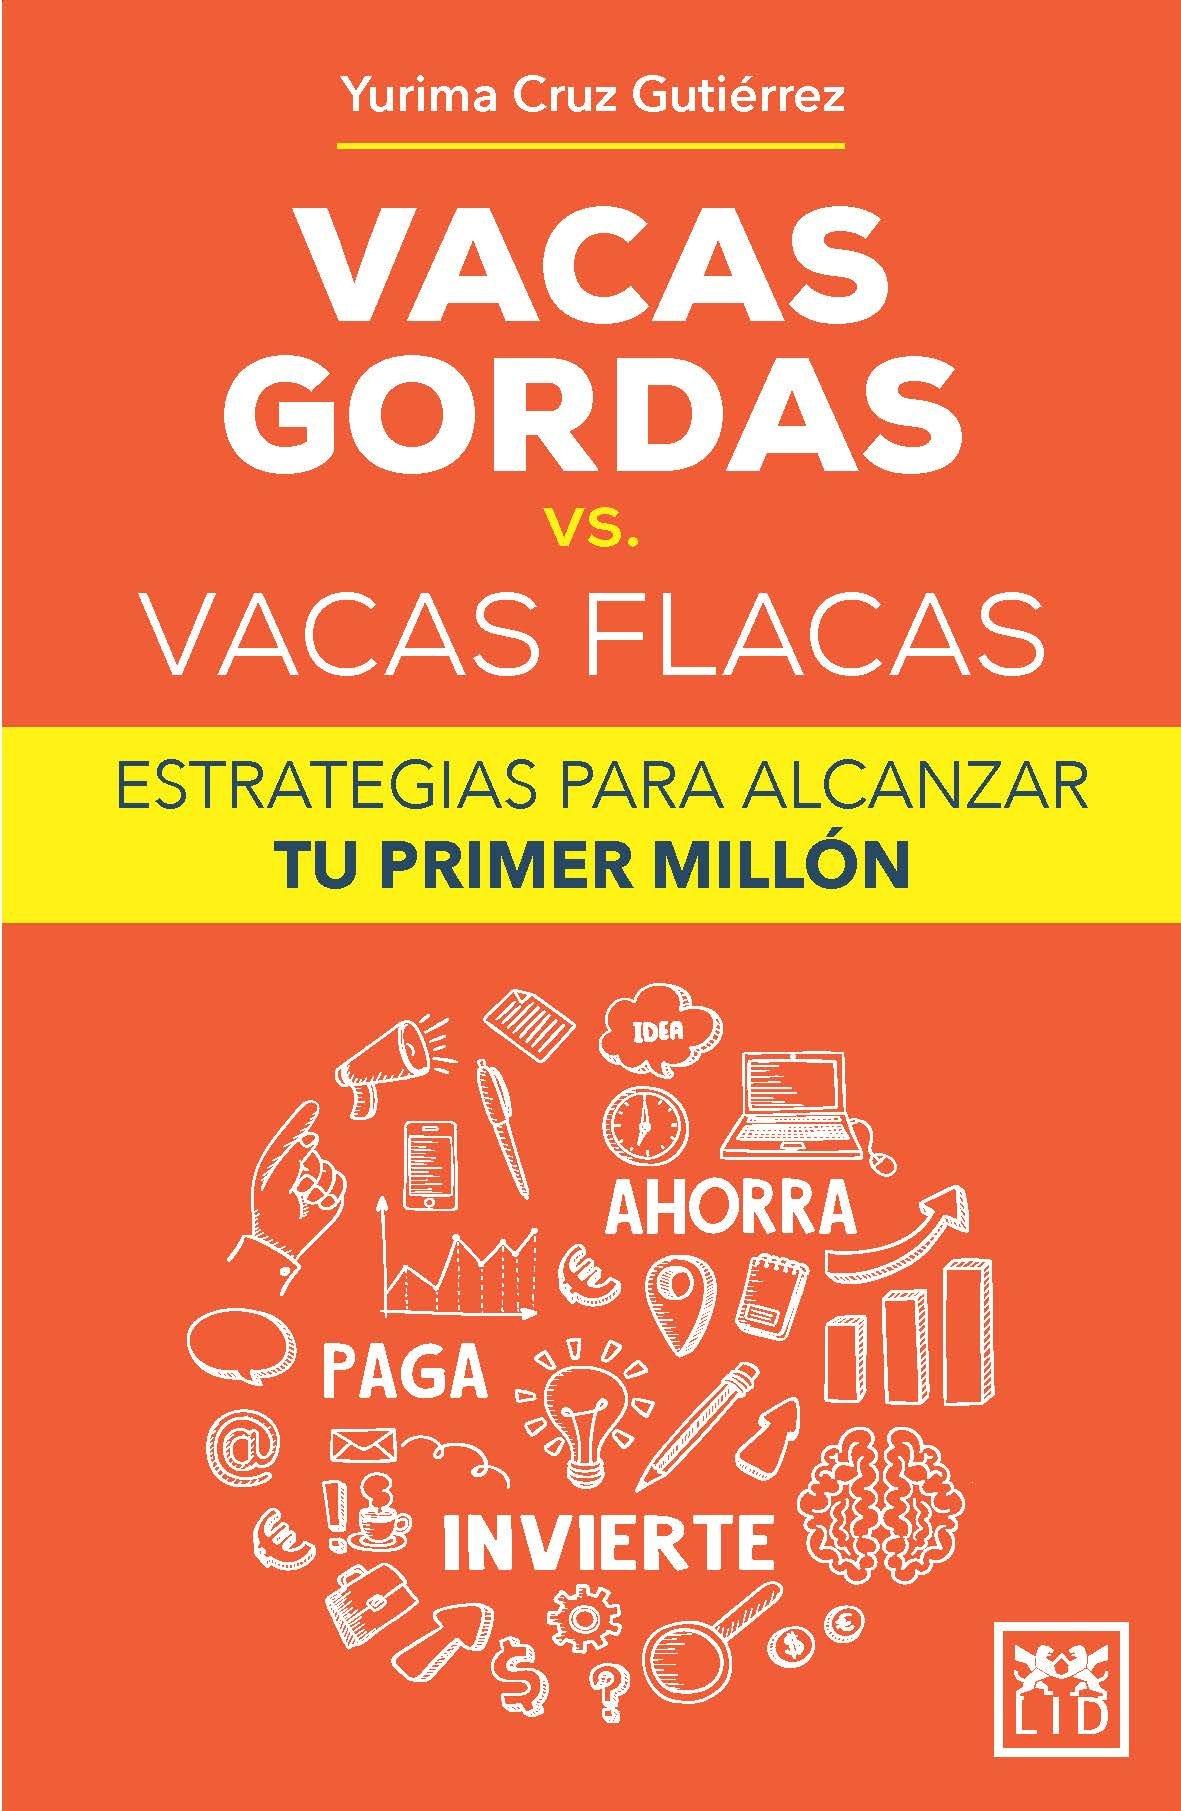 Vacas gordas vs. Vacas flacas: Estrategias para alcanzar tu primer millón (Spanish Edition)